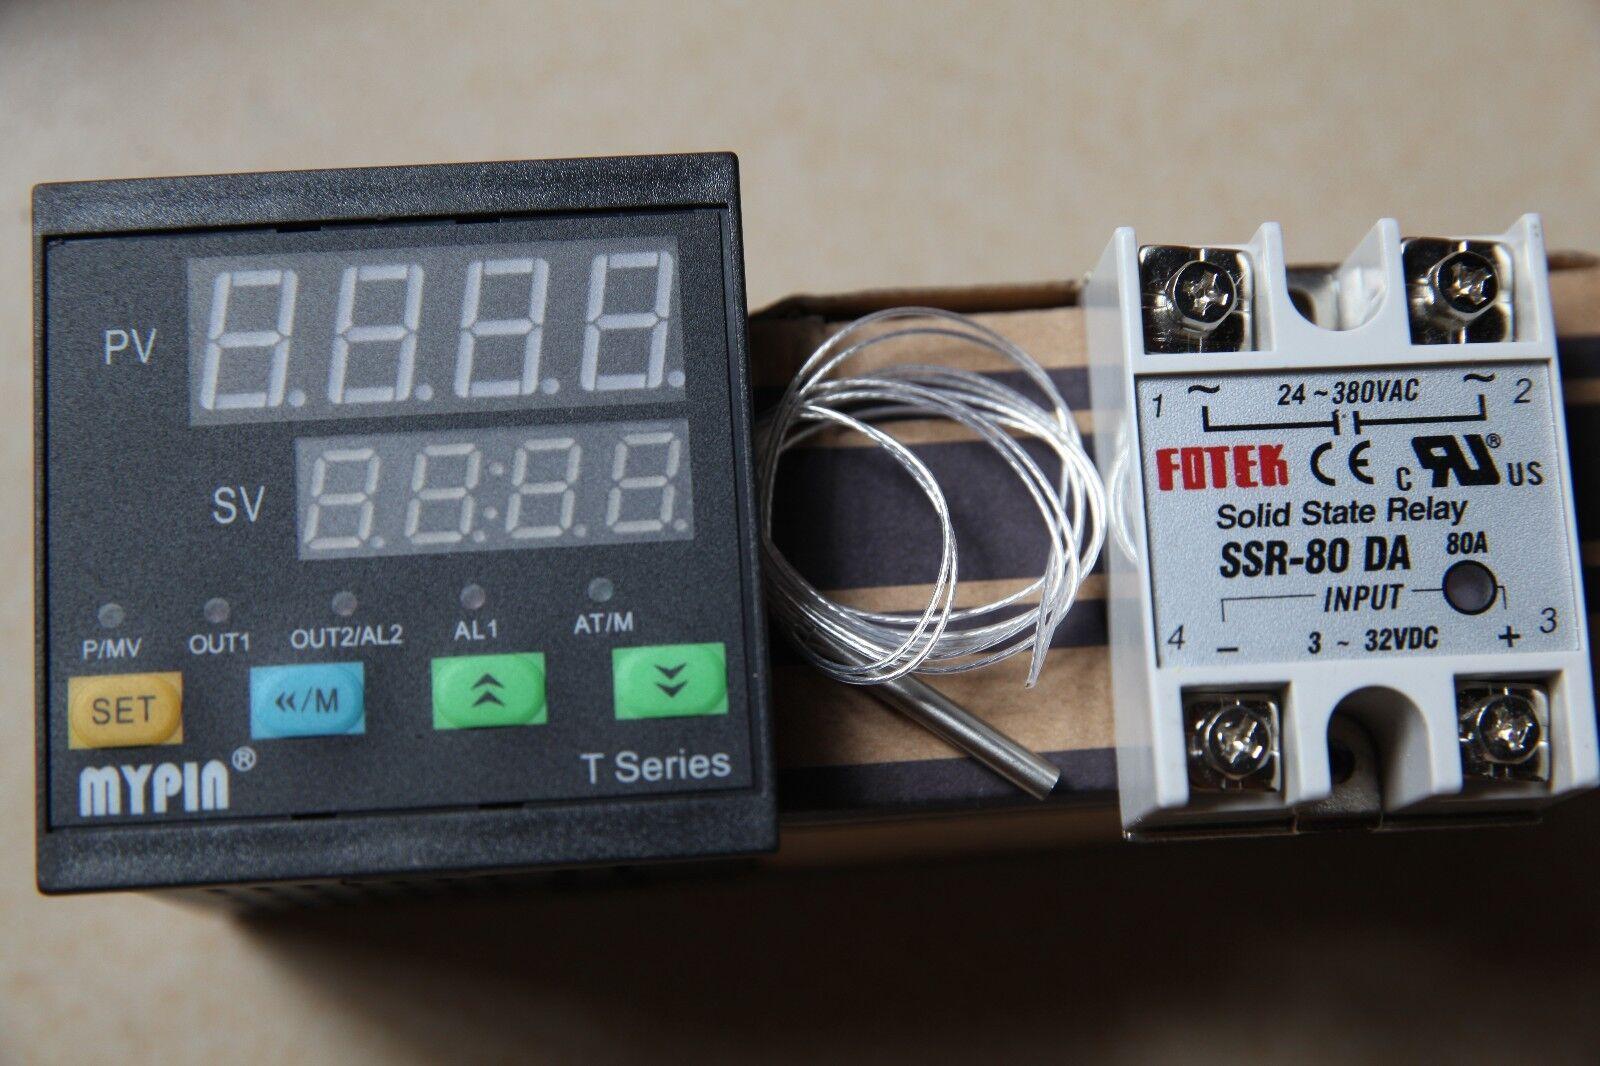 MYPIN  Digital F C PID Thermostat Temperature Controller TA4-SSR +PT100 +80A SSR